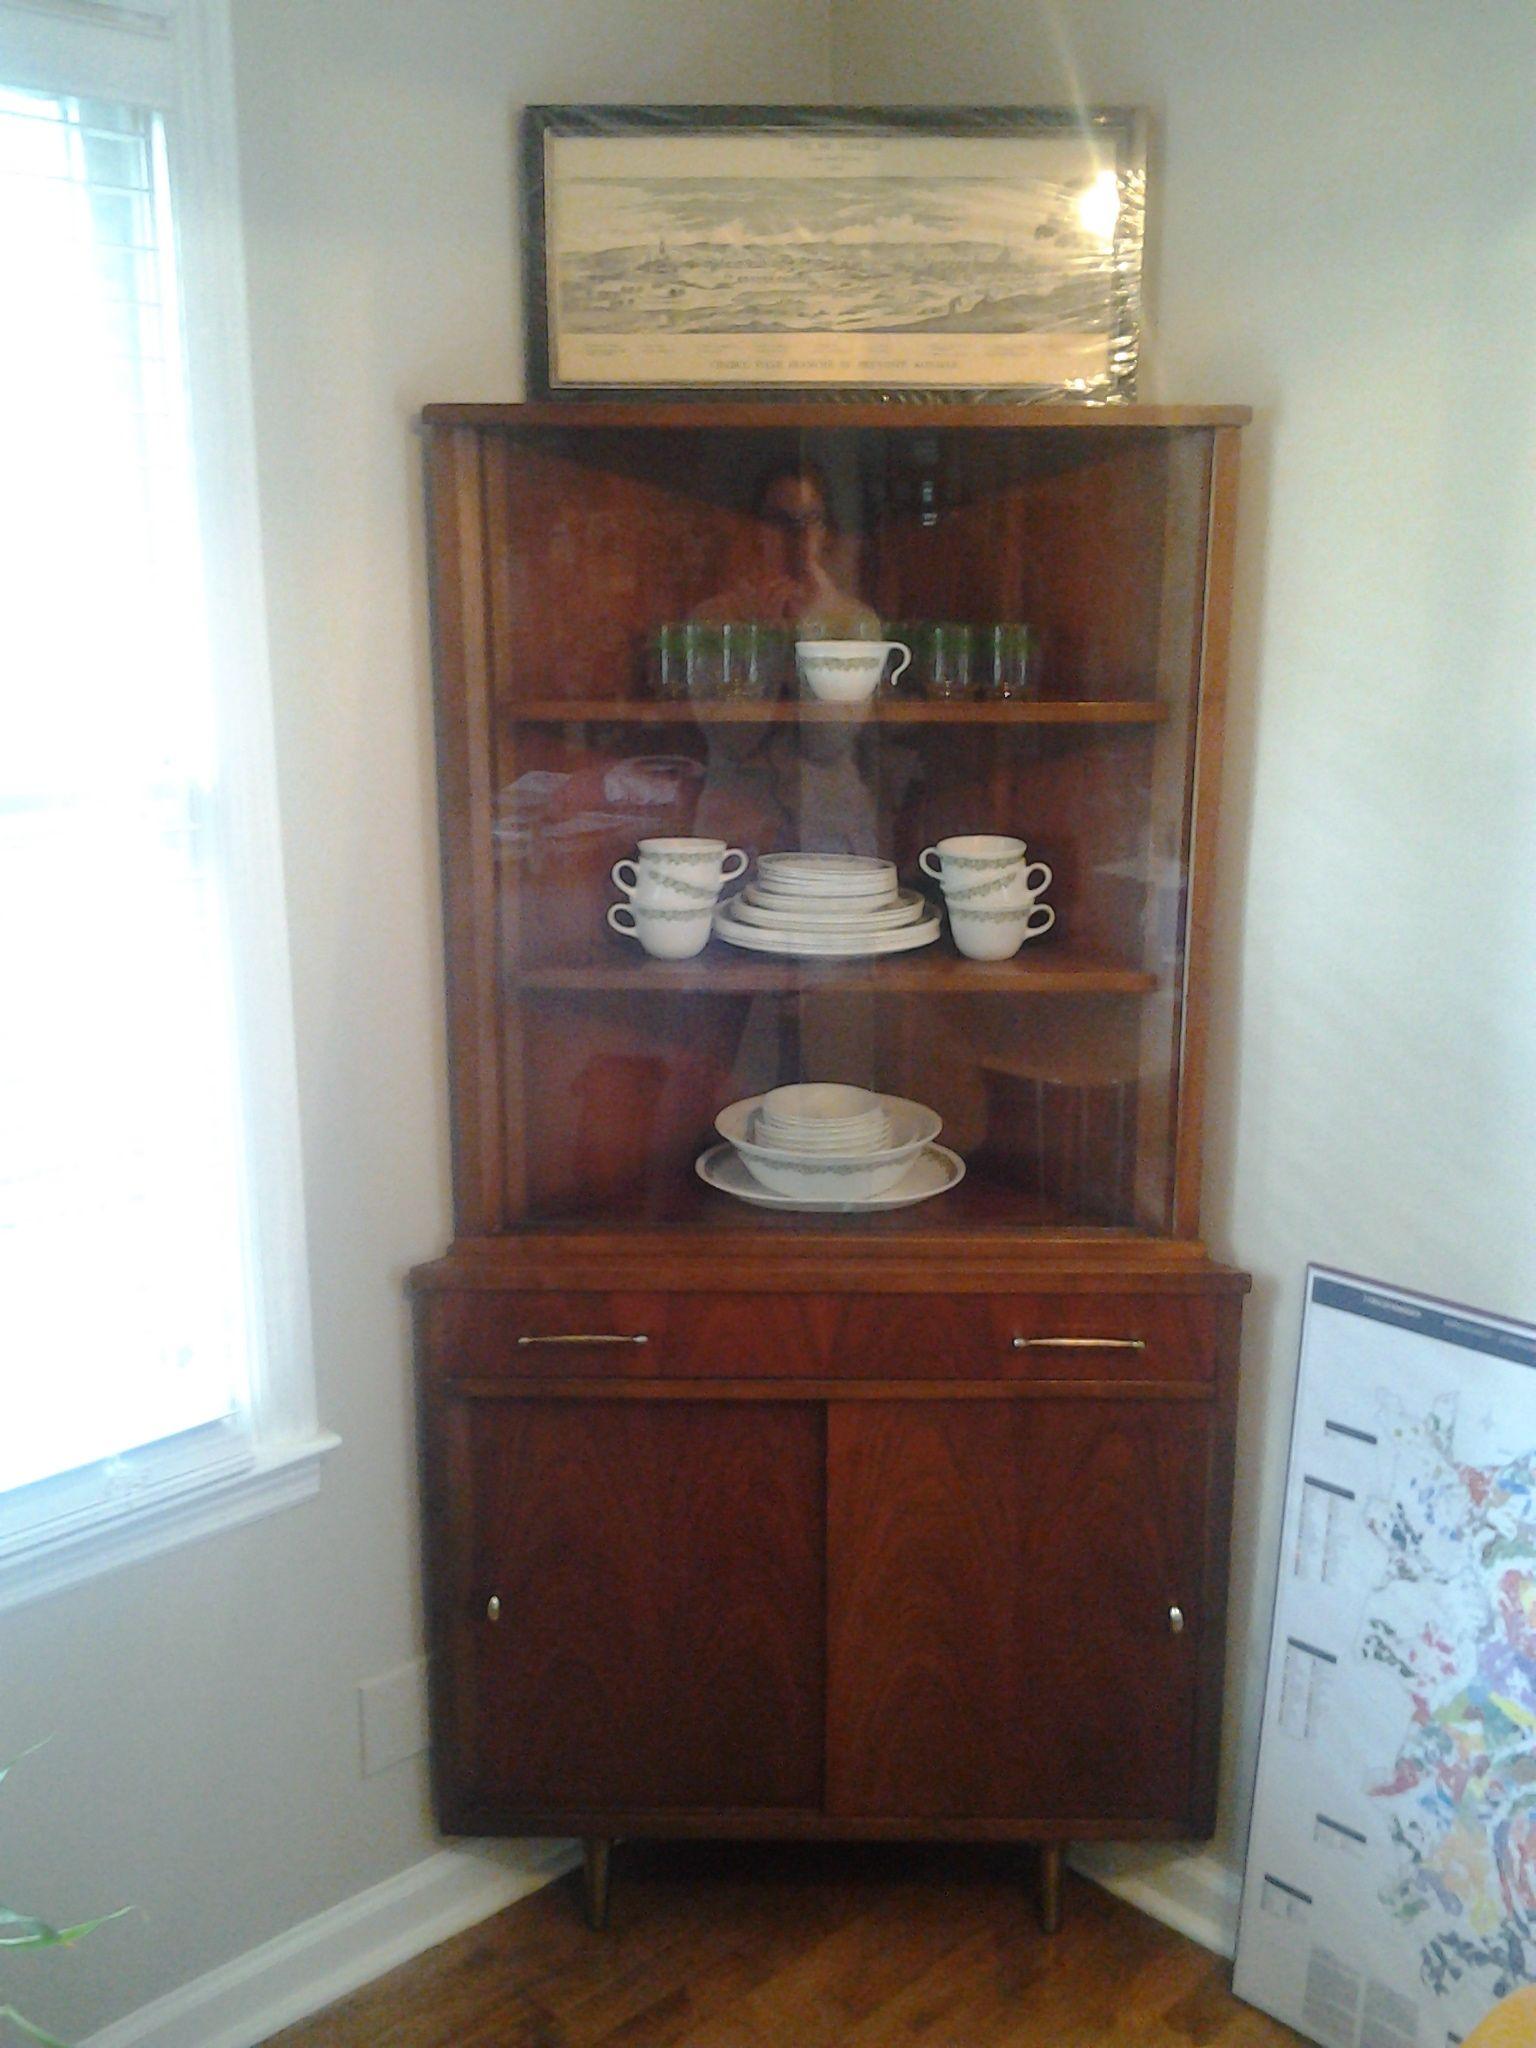 midcentury modern danish corner cabinet  KitchenDining